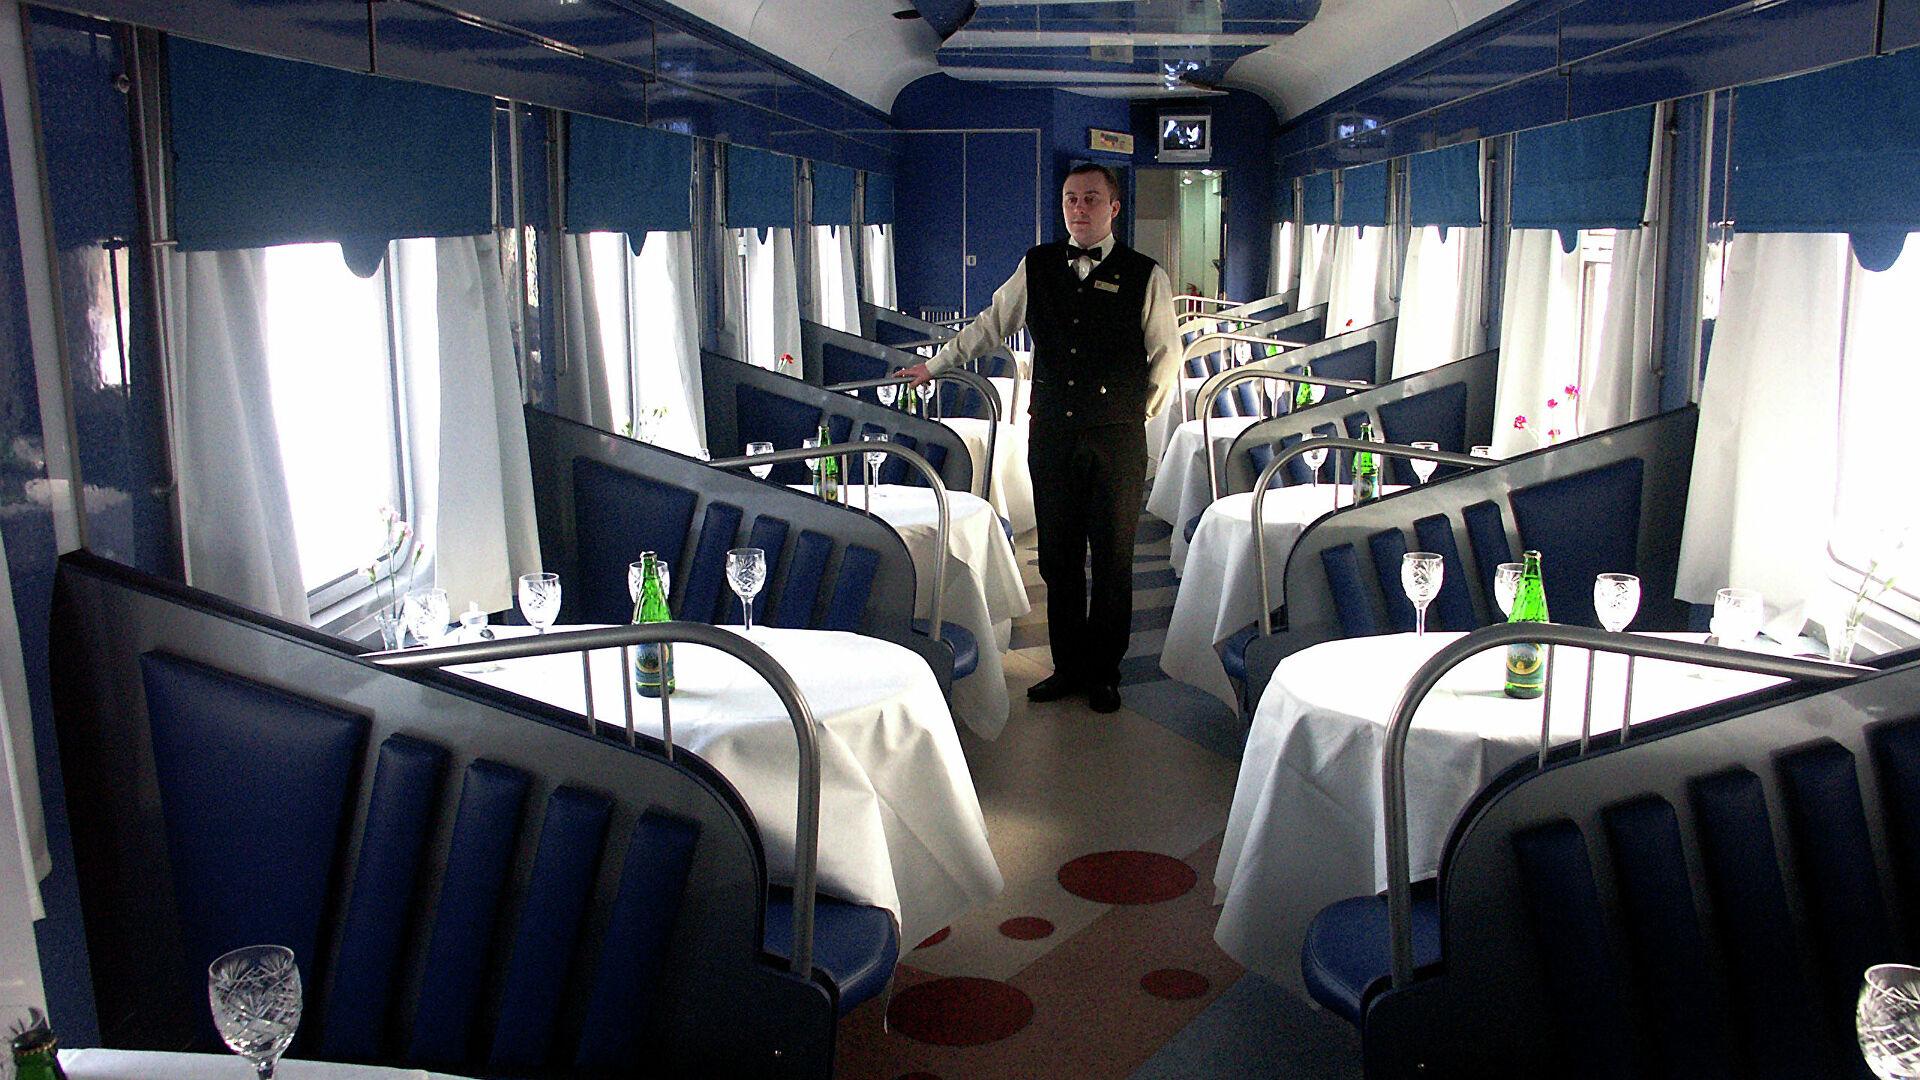 РЖД планируют резко сократить количество вагонов-ресторанов